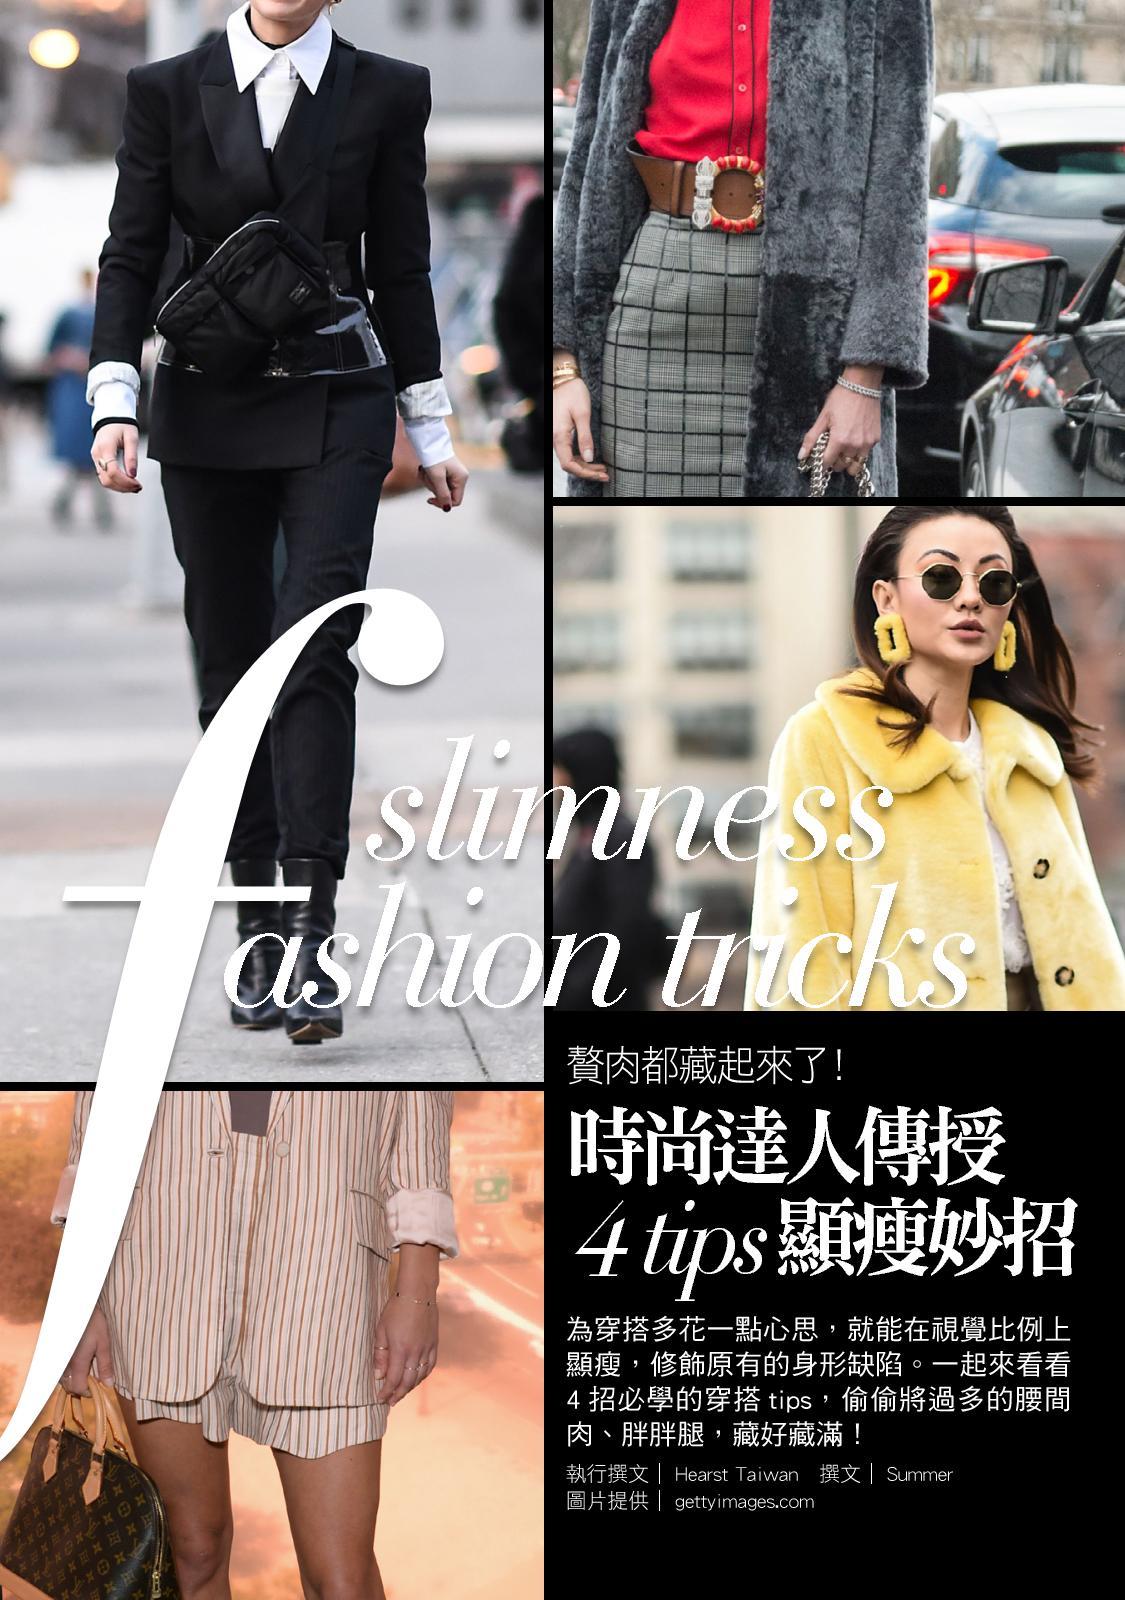 潮流觀點2018 2月 贅肉都藏起來了!時尚達人傳授顯瘦妙招